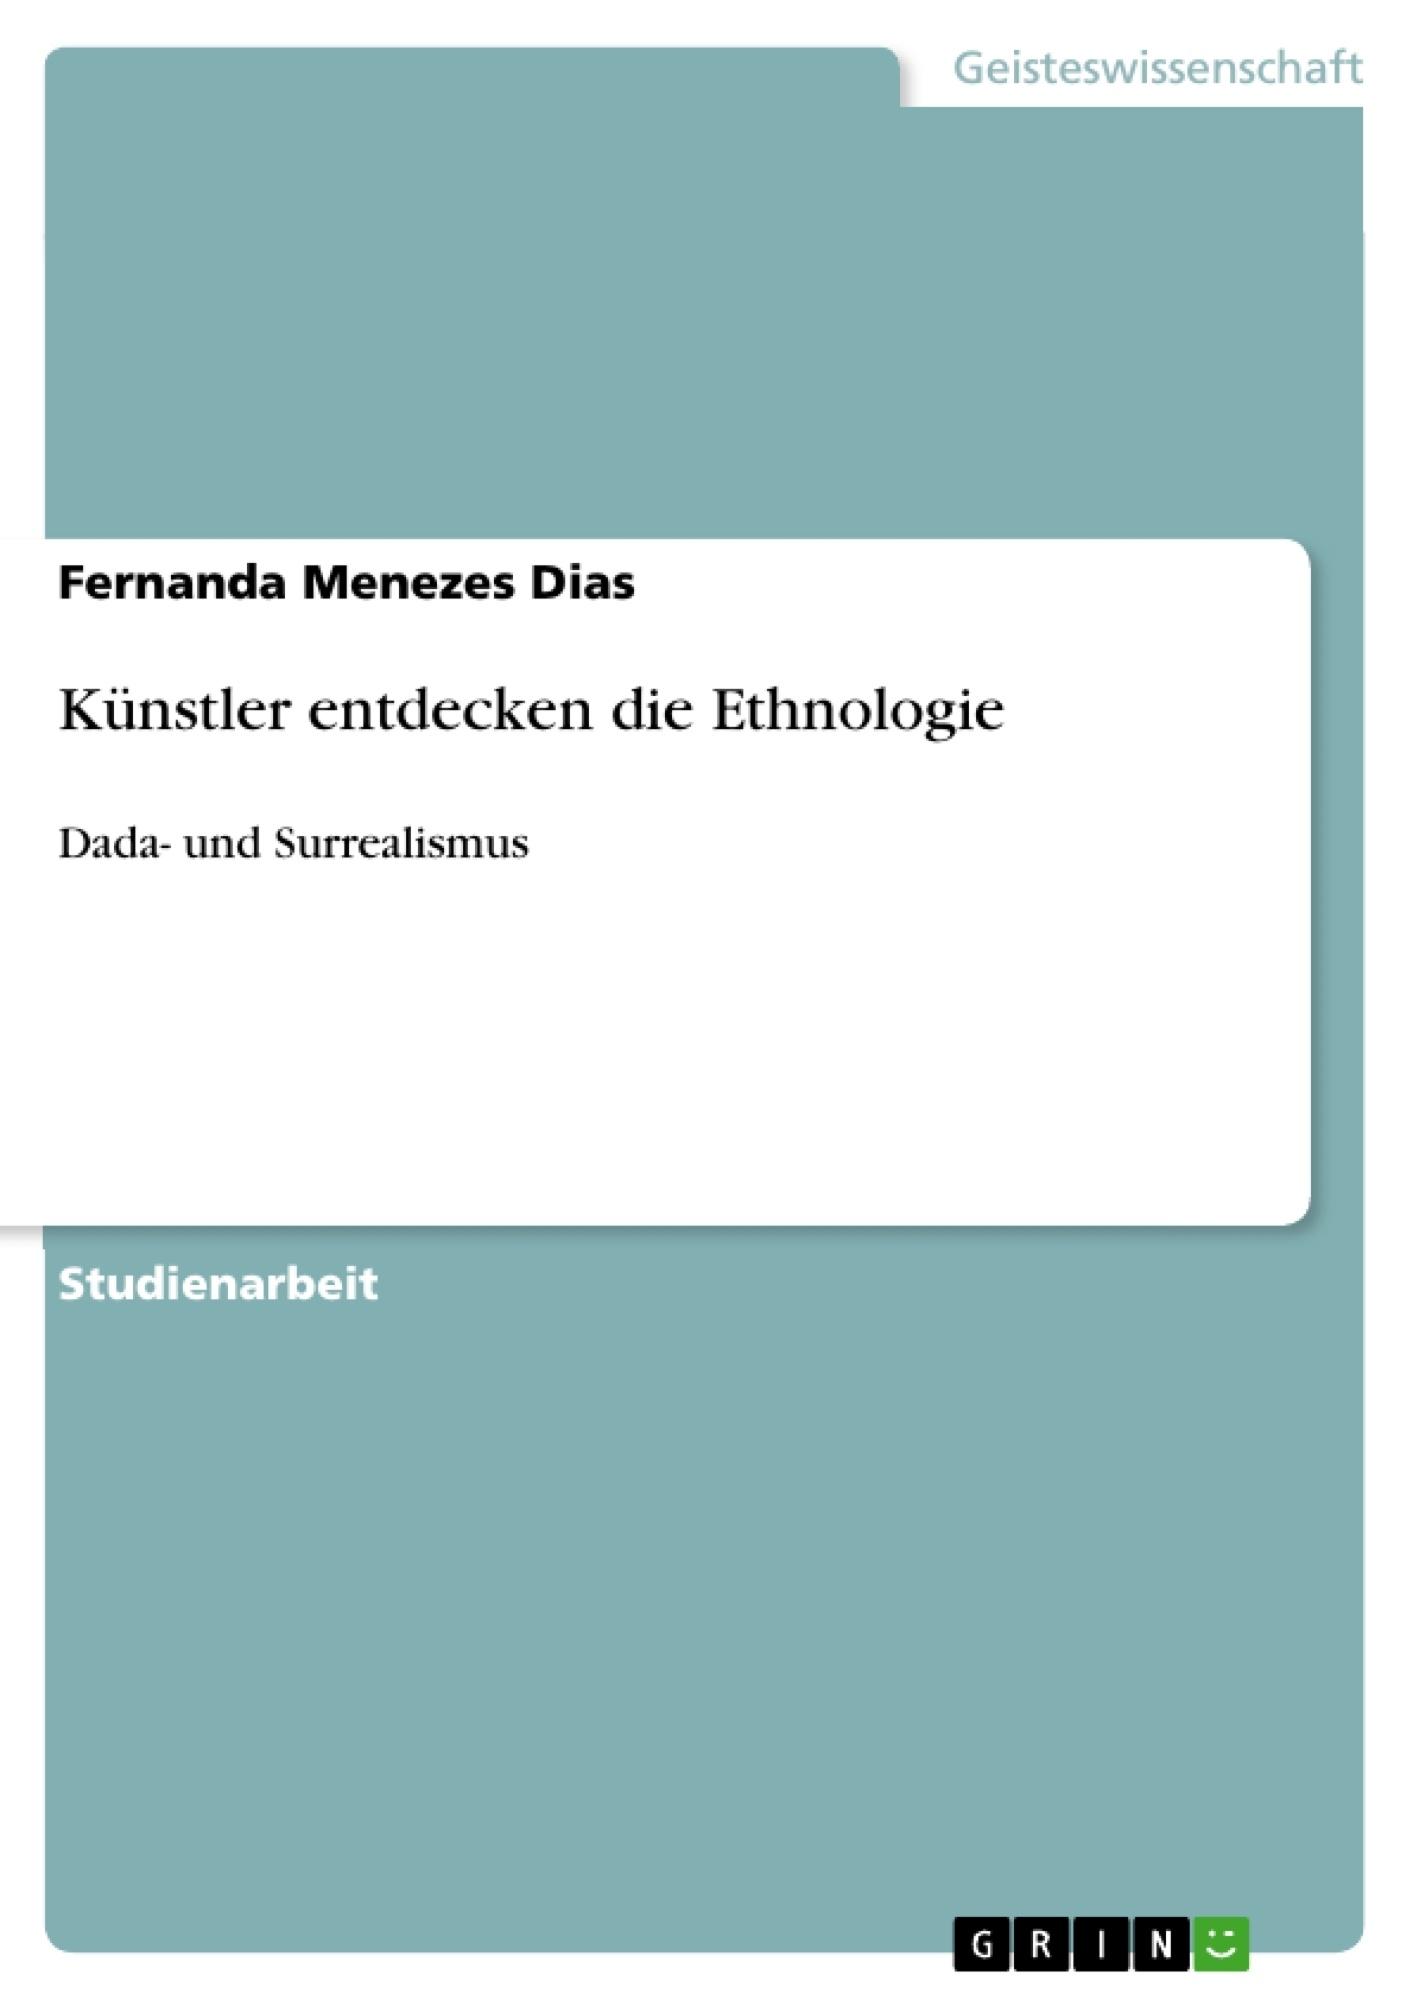 Titel: Künstler entdecken die Ethnologie